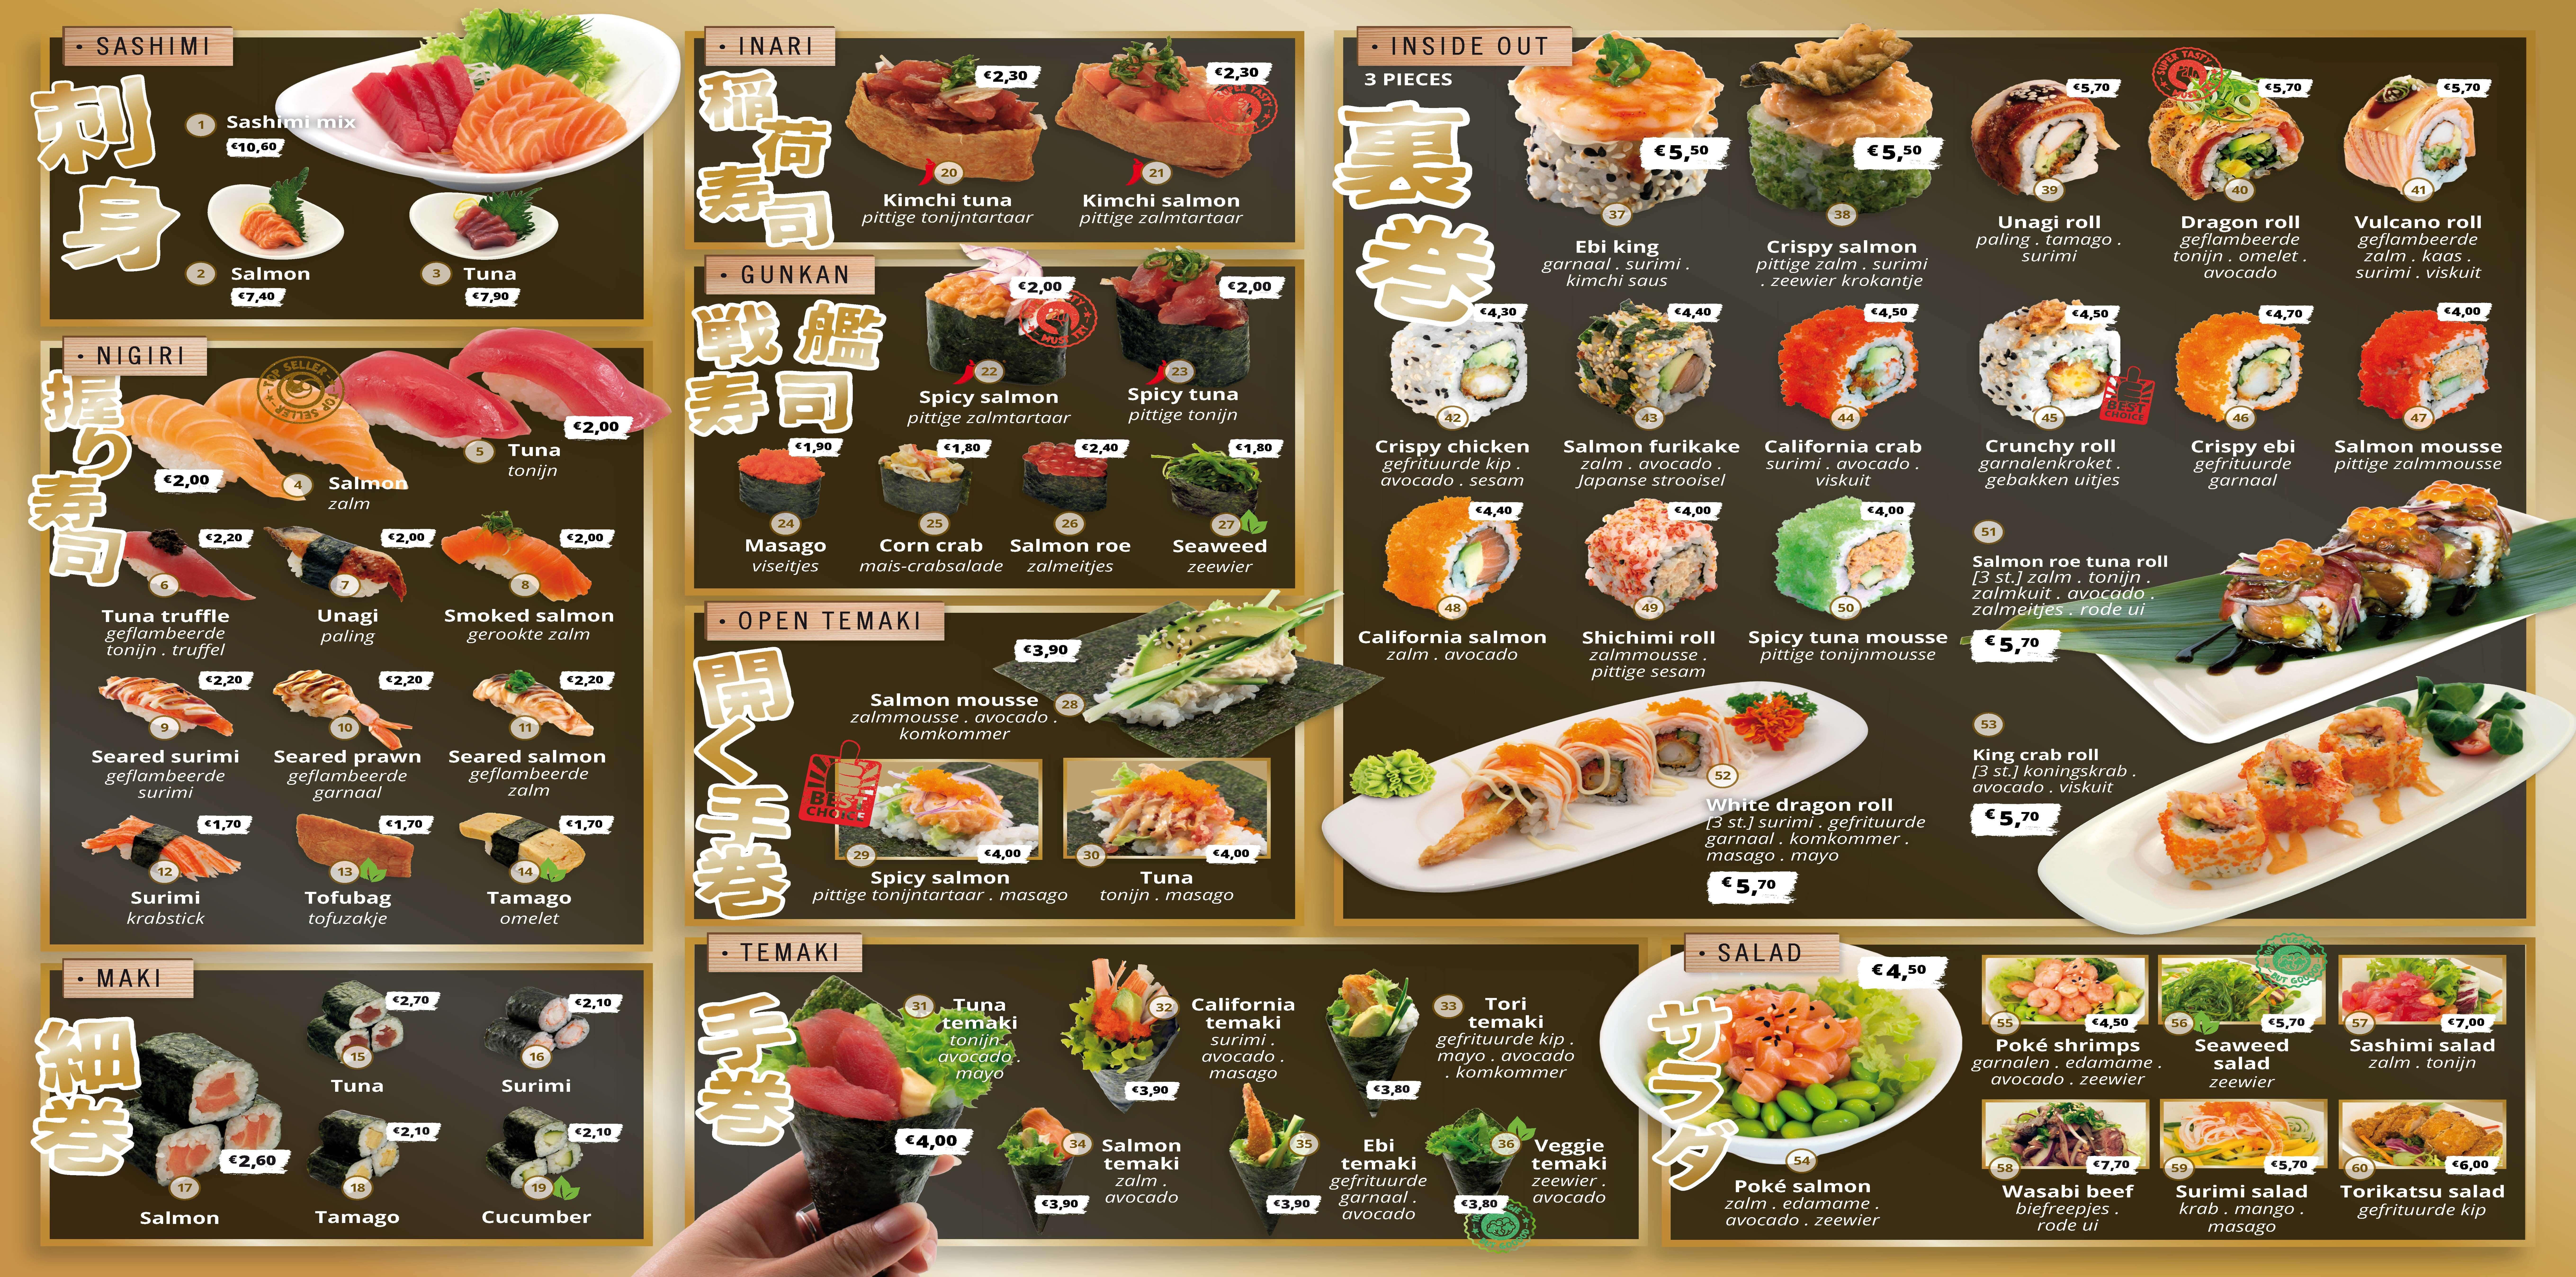 shabu shabu al carte menu